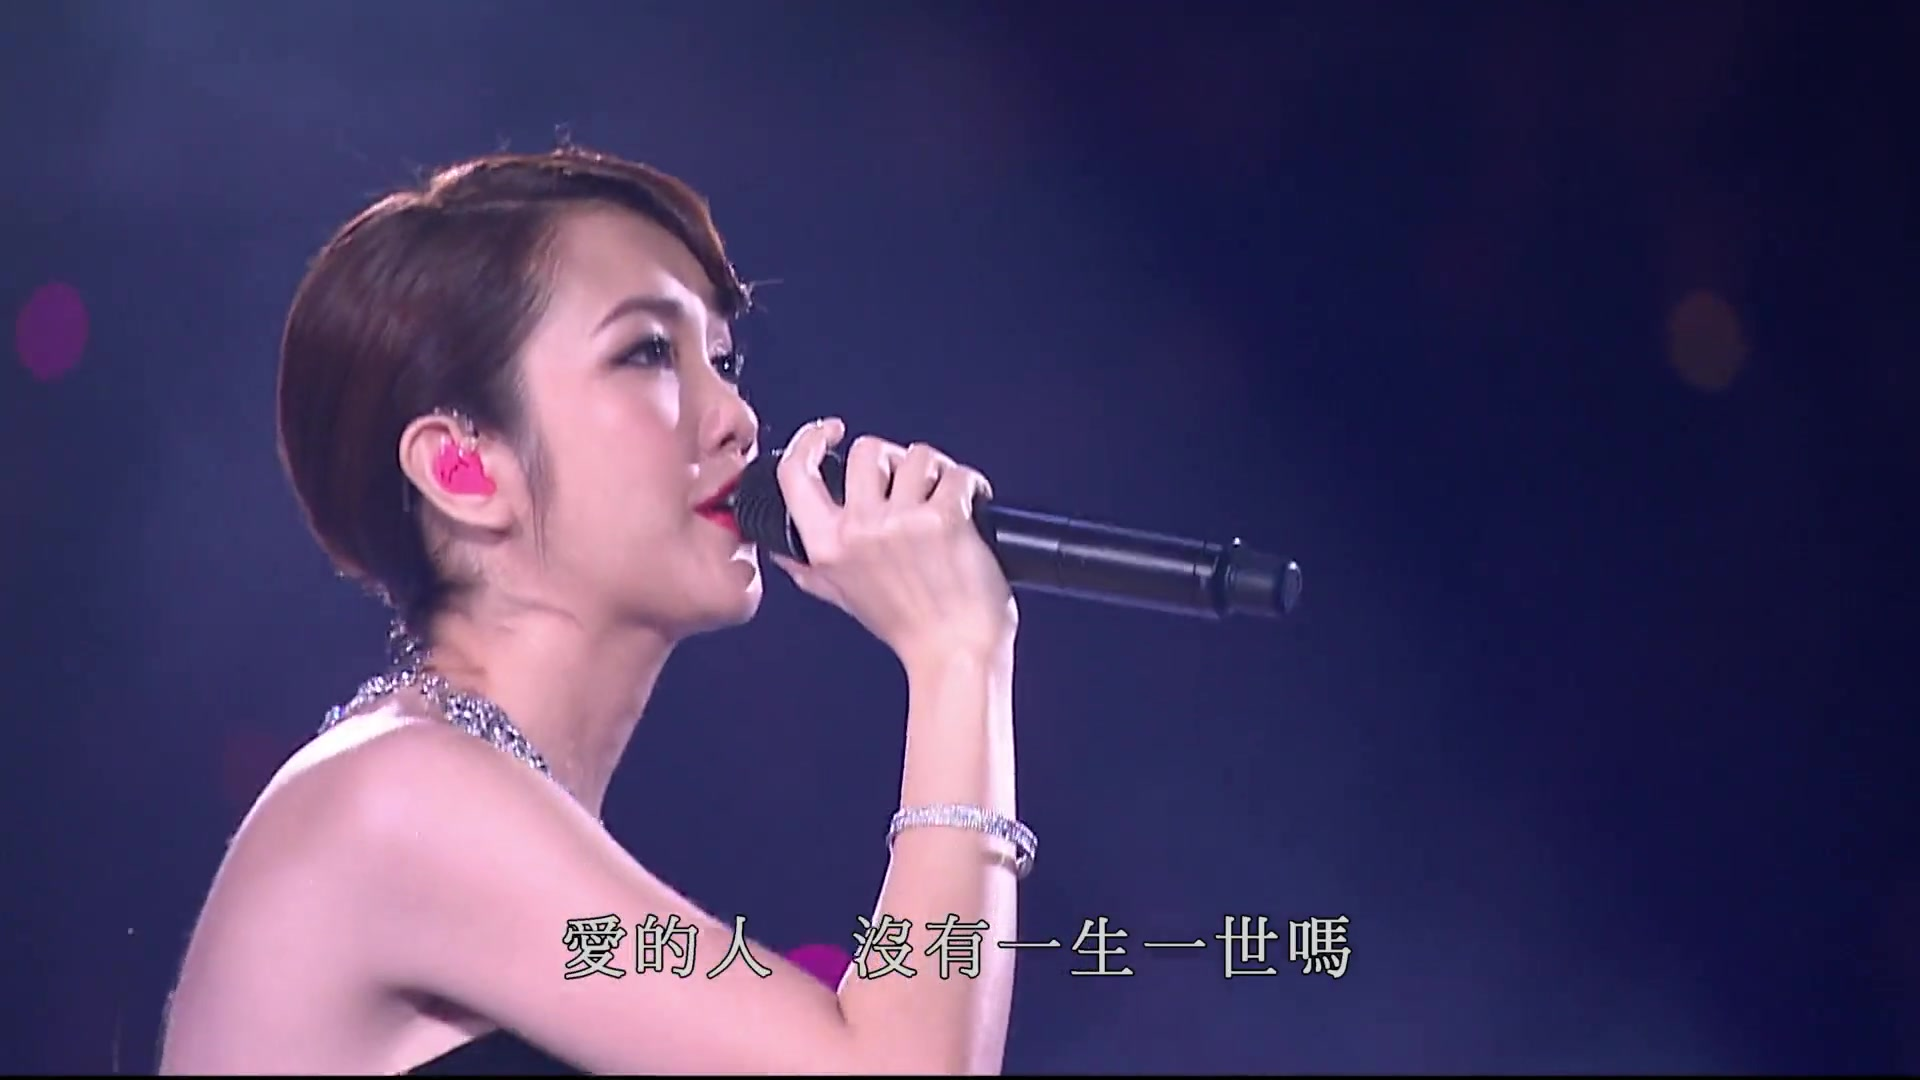 谢安琪 - 喜帖街【LIVE精选】